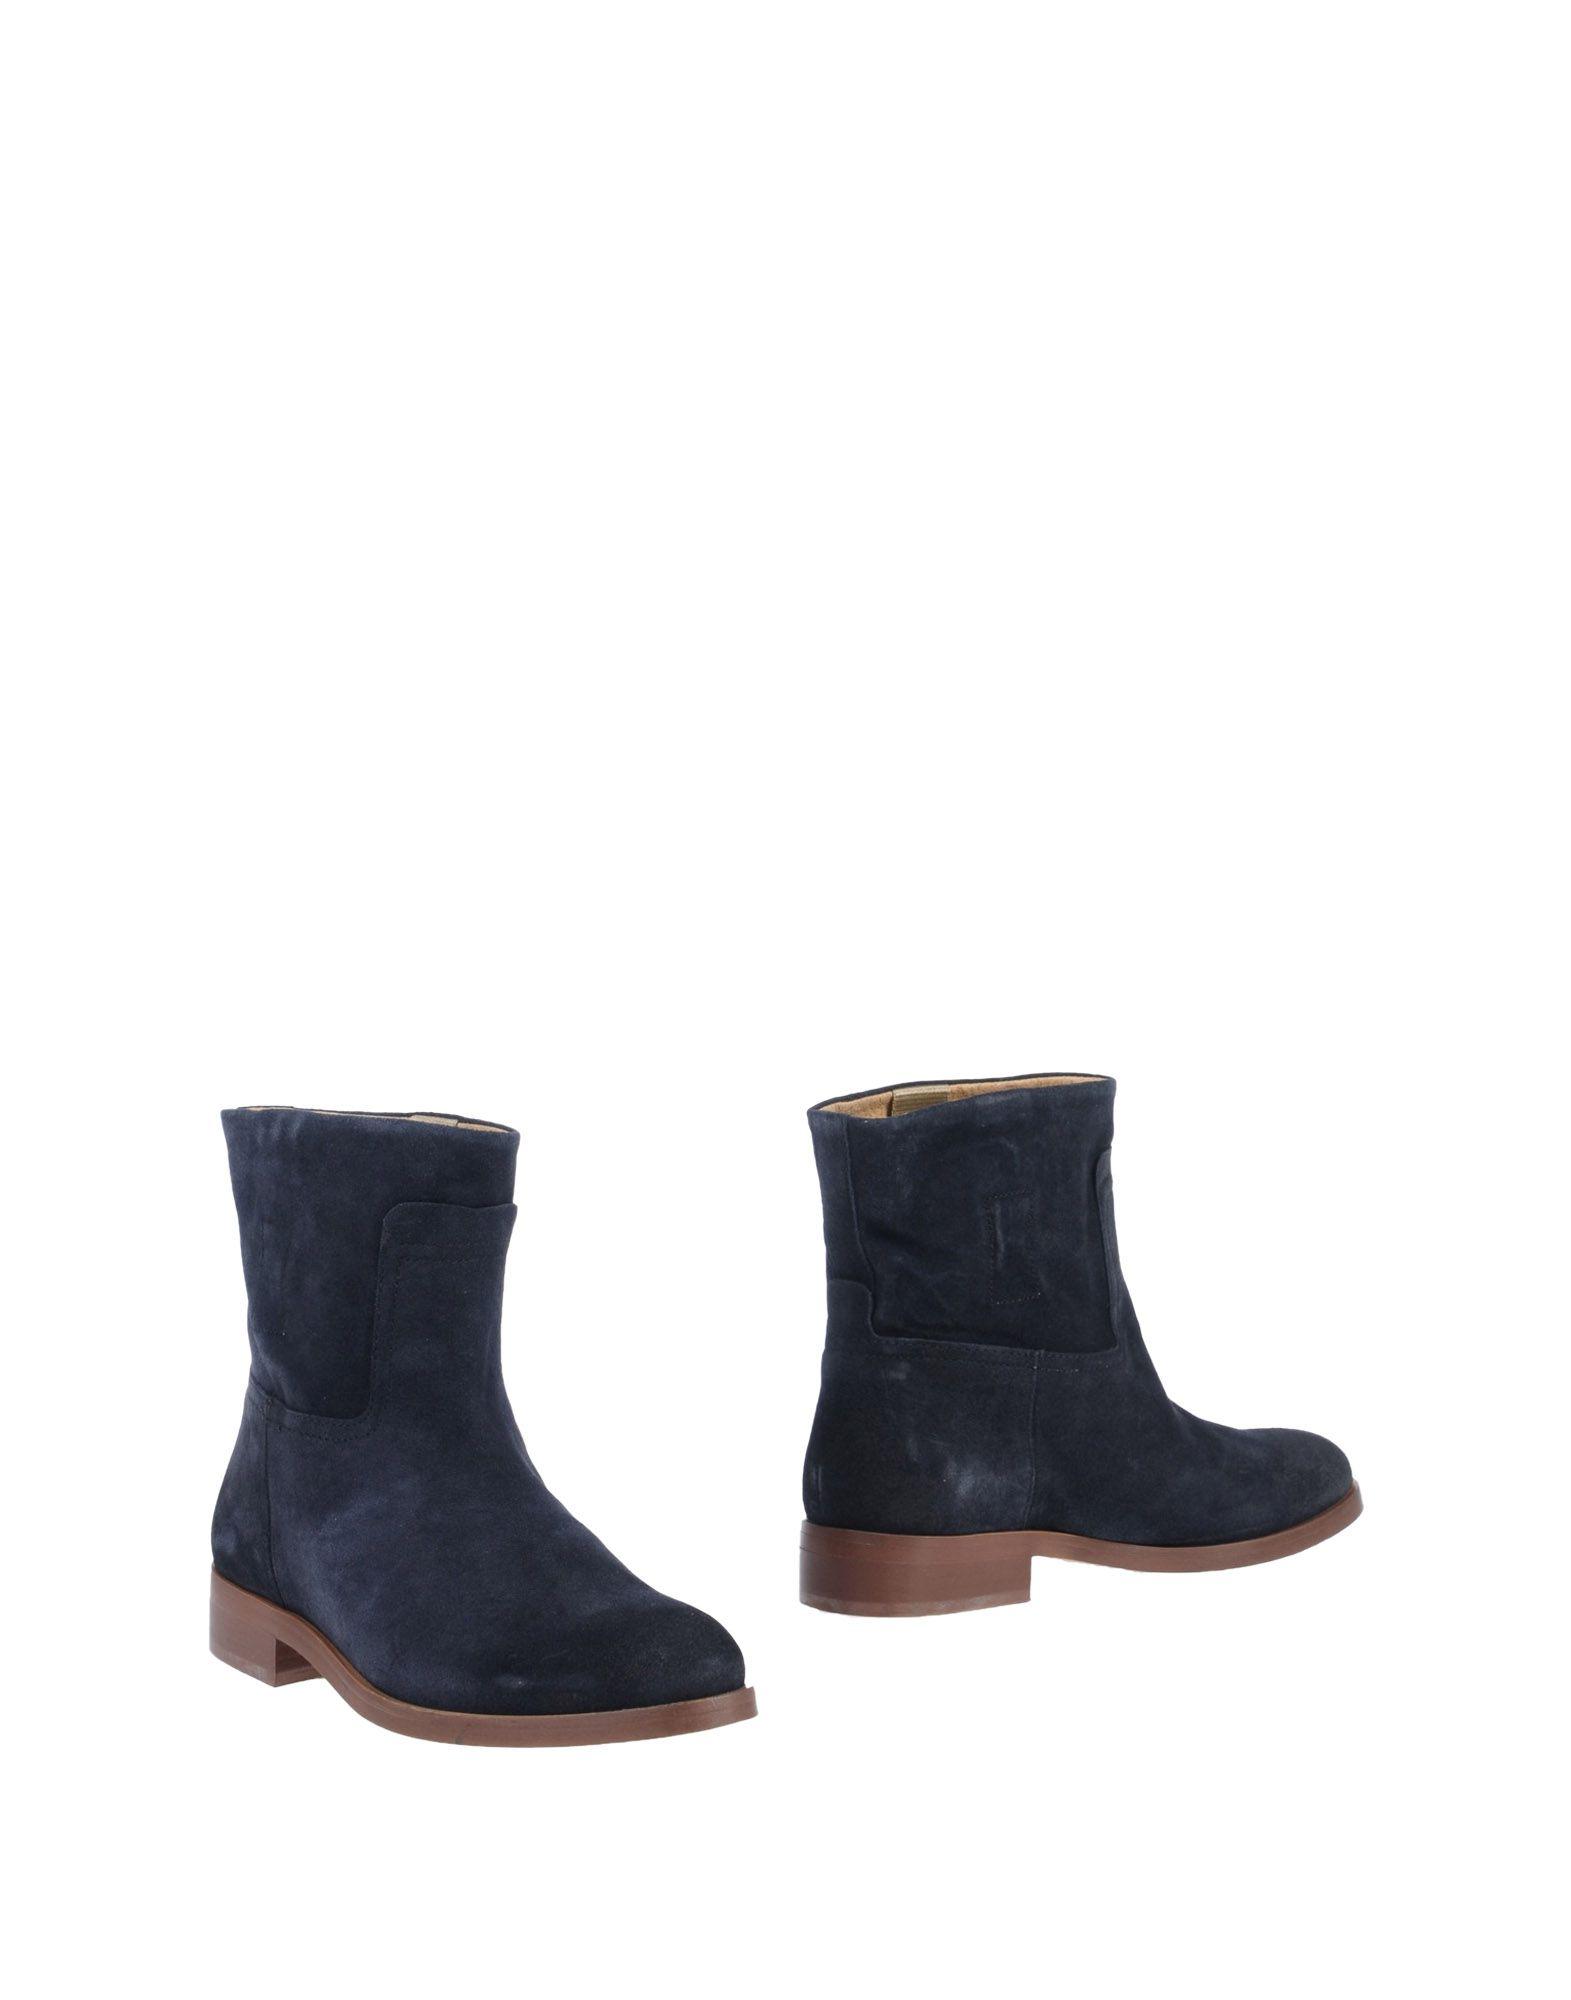 Bagatt Gute Stiefelette Damen  11429490QU Gute Bagatt Qualität beliebte Schuhe 1b6e6b